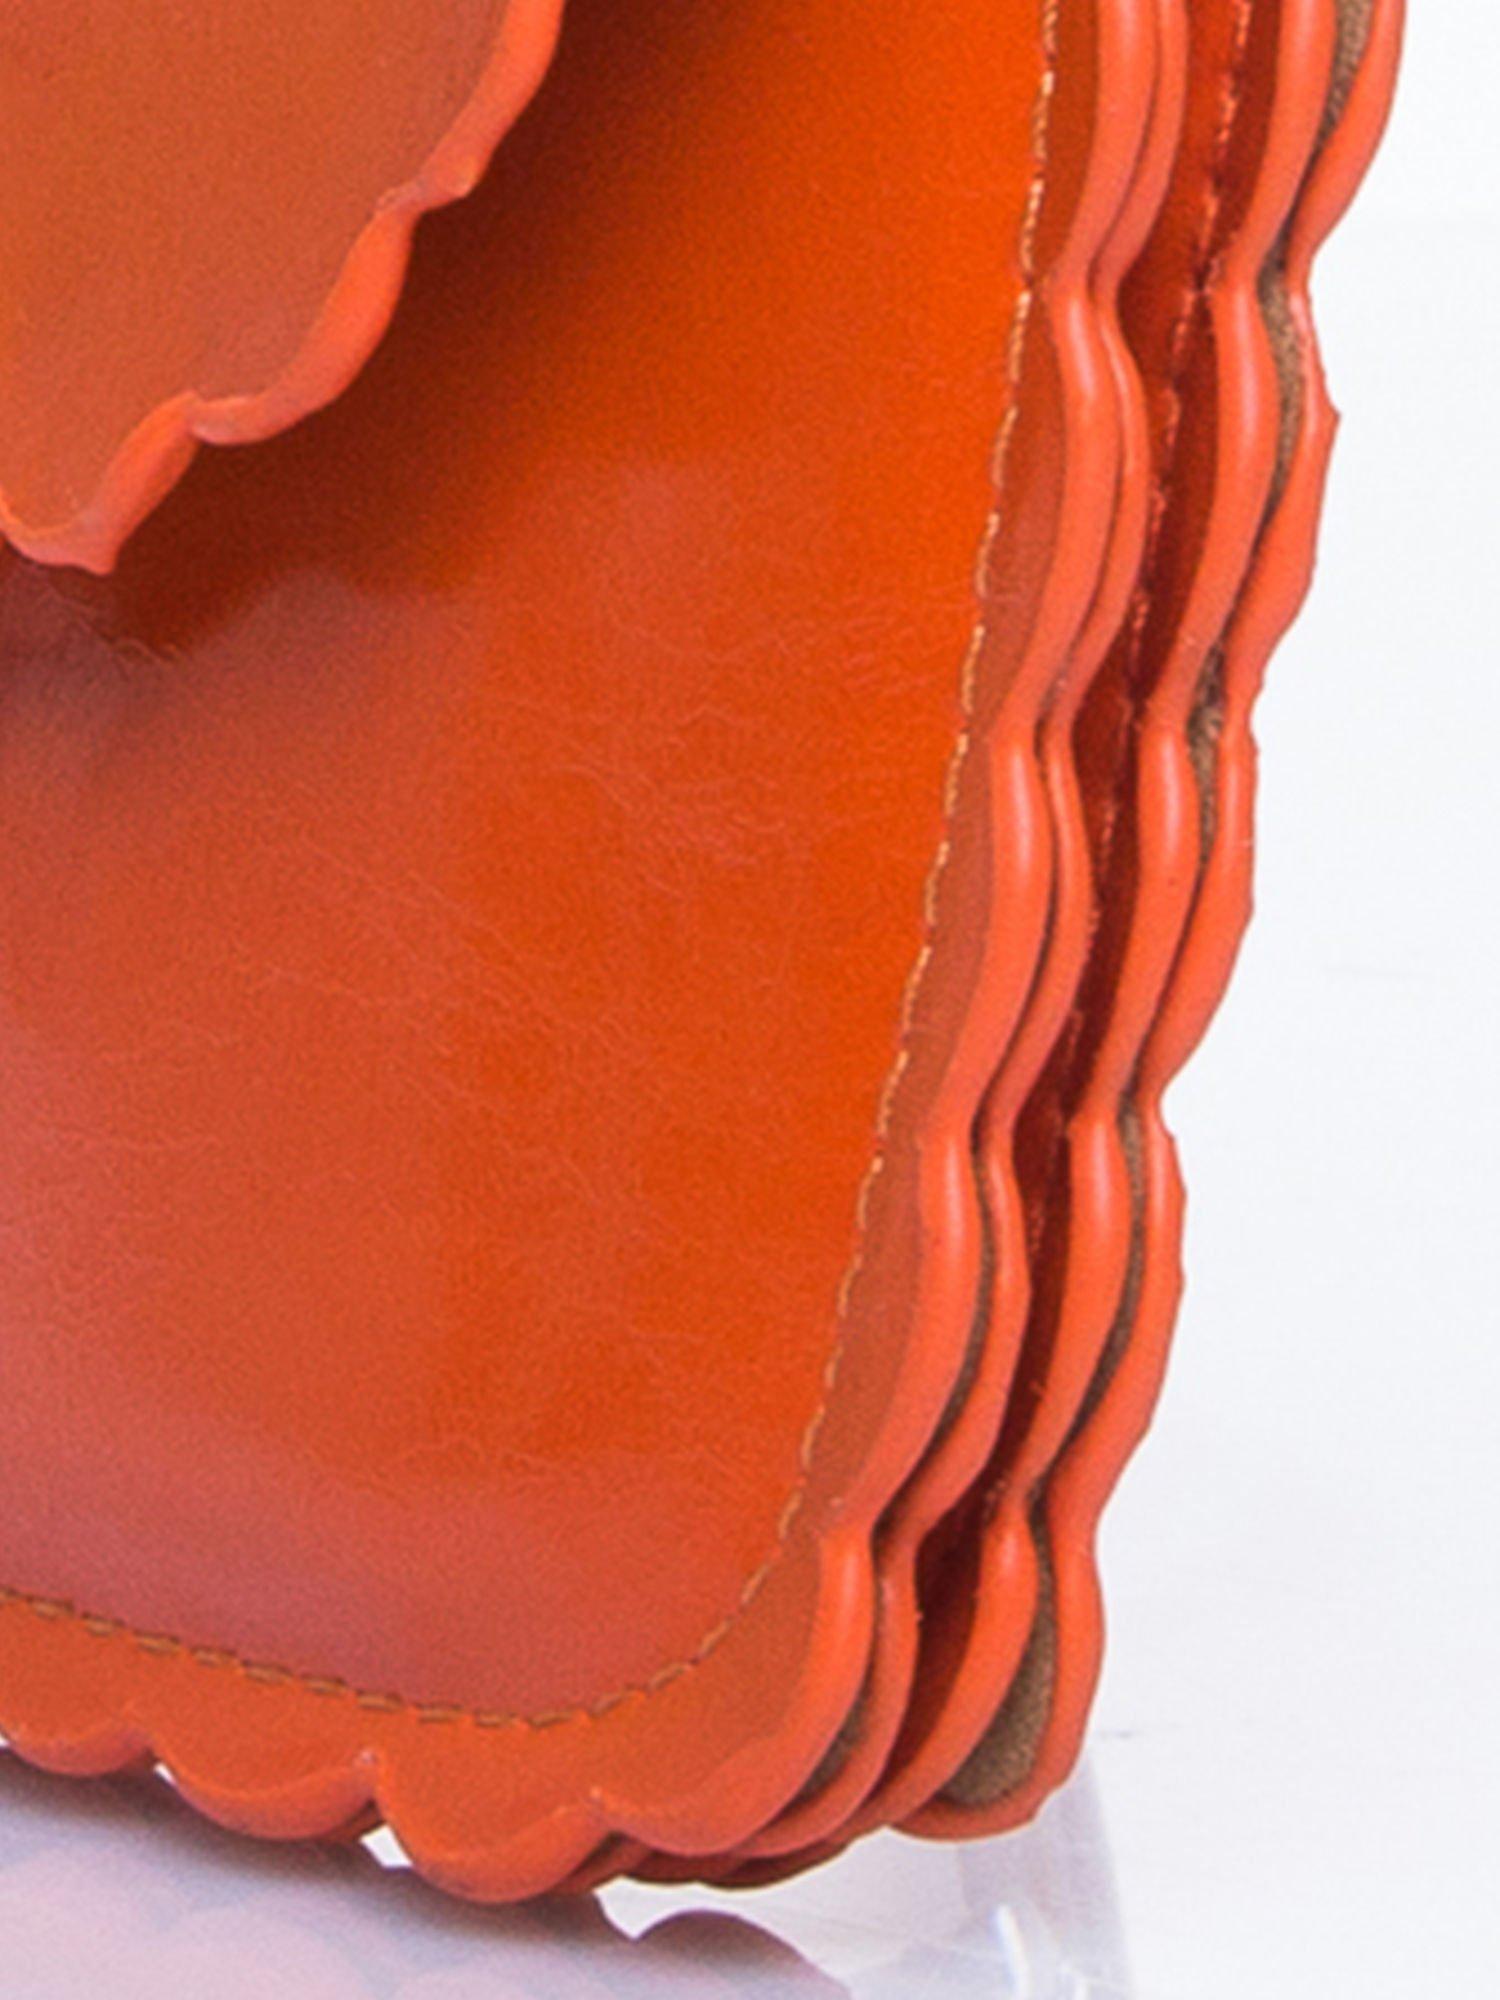 Pomrańczowa torebka listonoszka z falowanym wykończeniem                                  zdj.                                  7